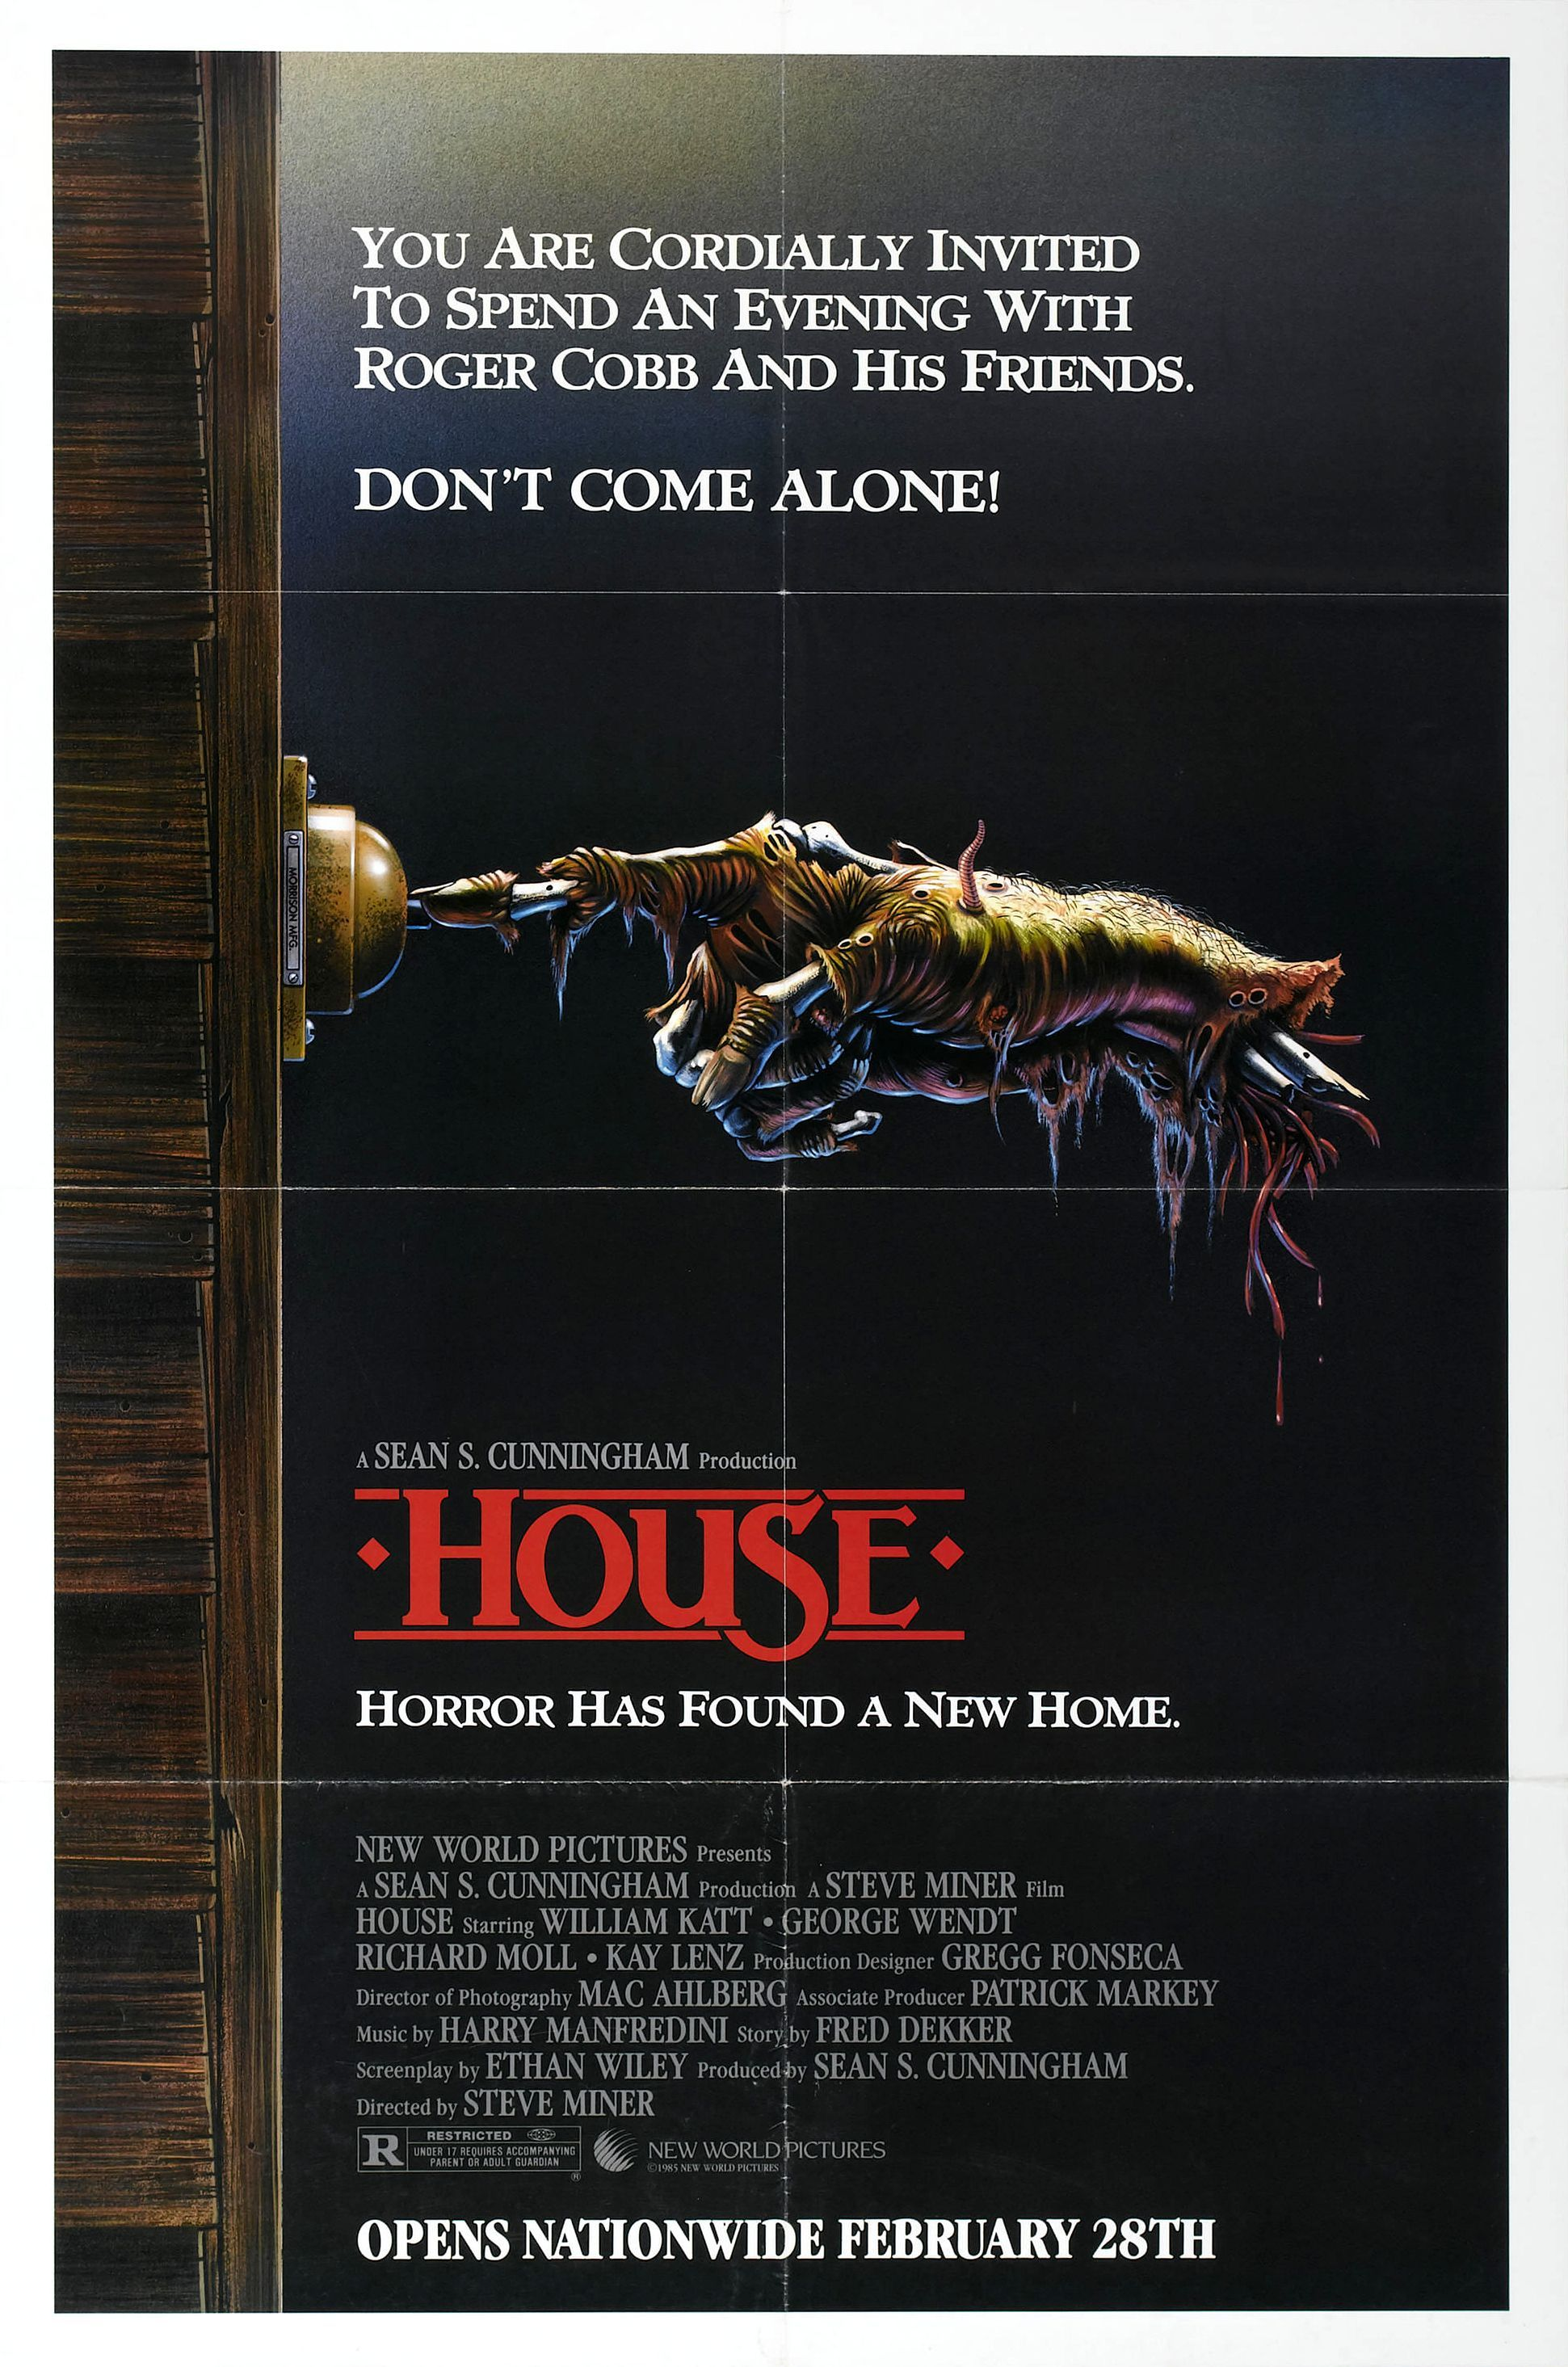 House (1986). Fun fun fun 80s horror. Horror movie